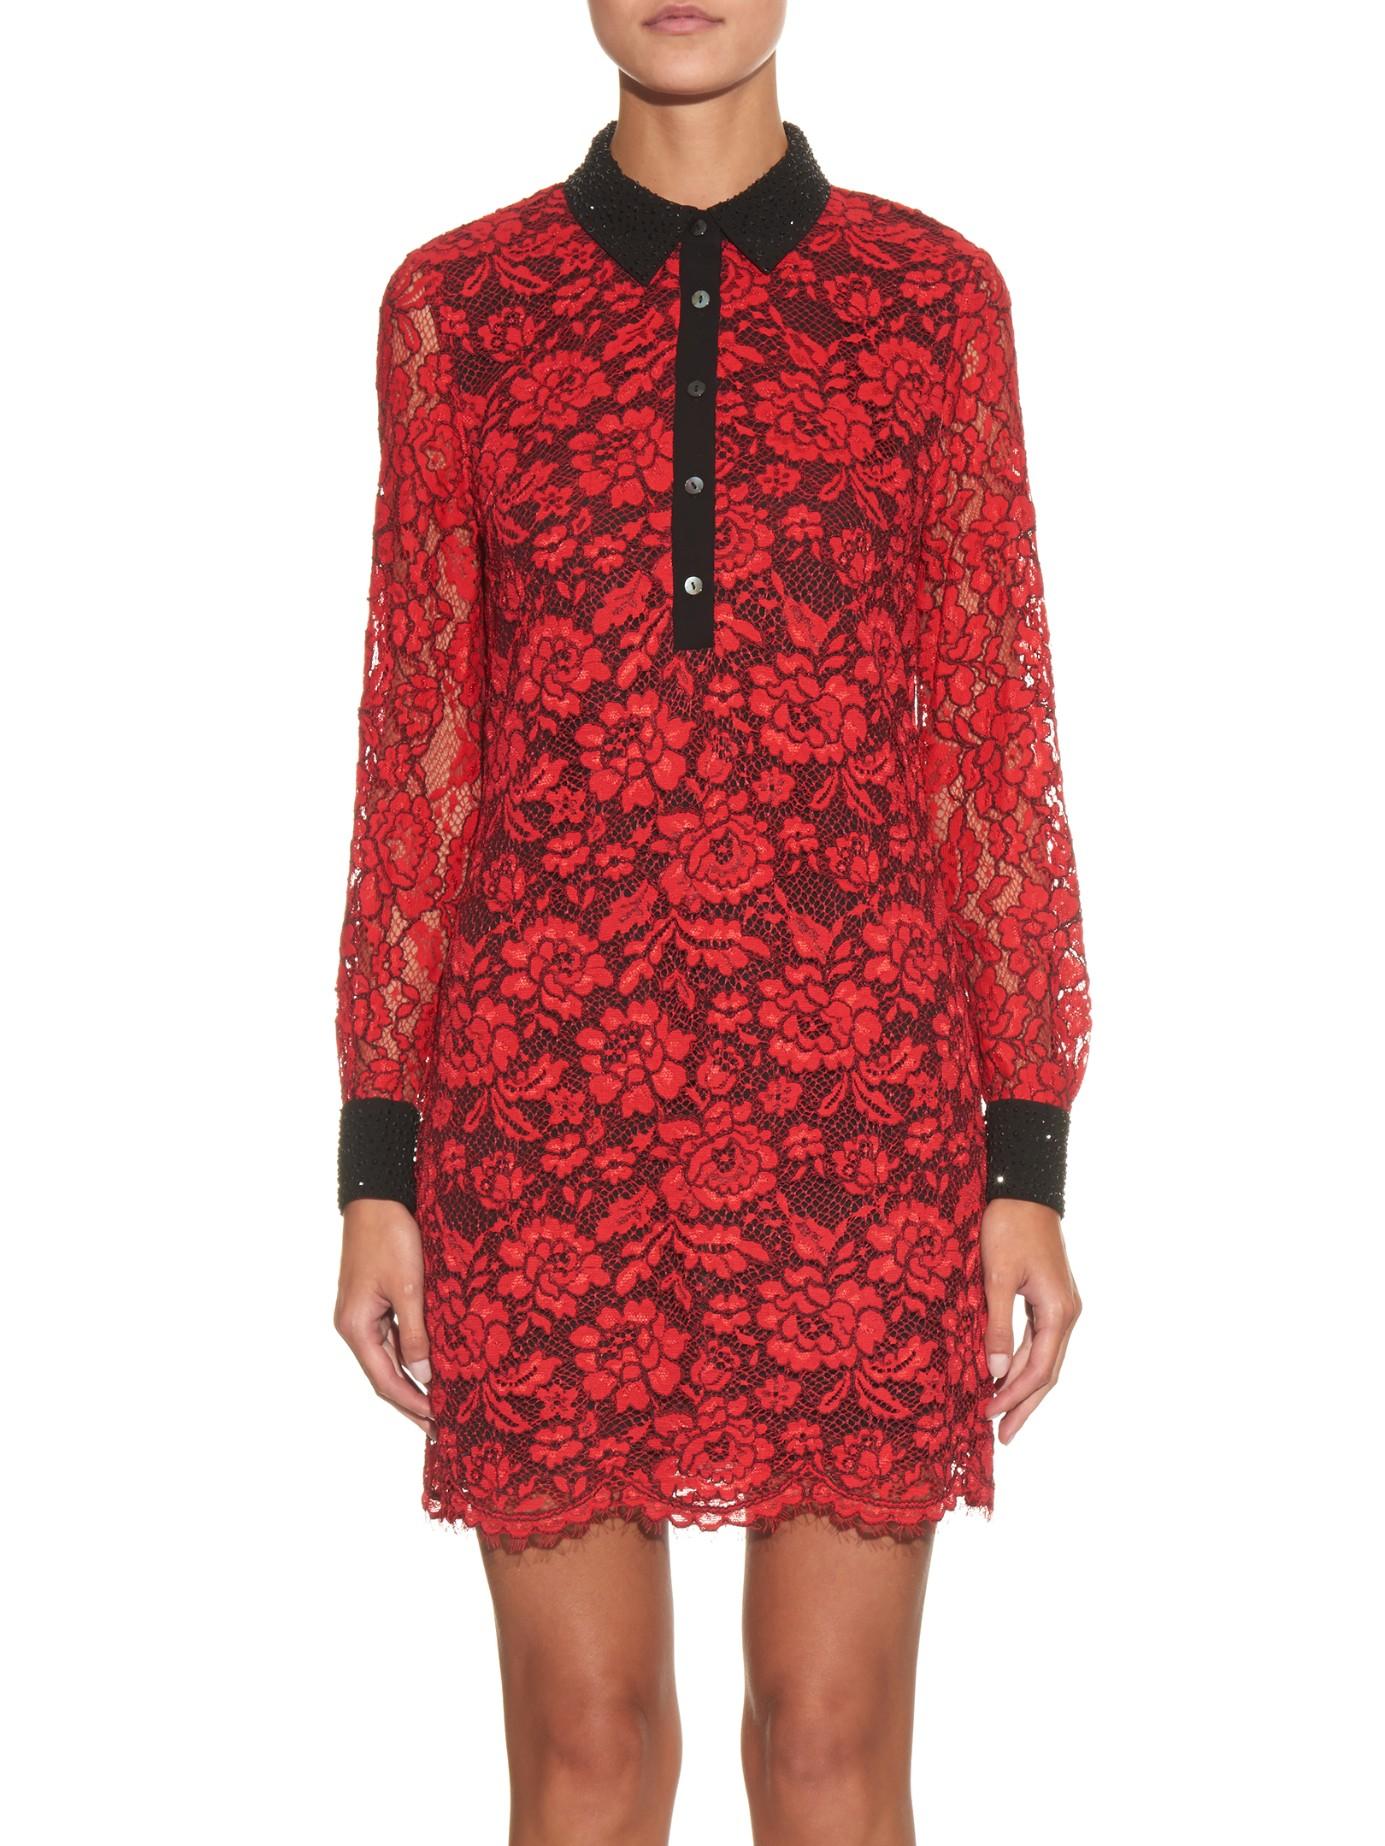 Lyst diane von furstenberg lace chemise shirt dress in red for Diane von furstenberg shirt